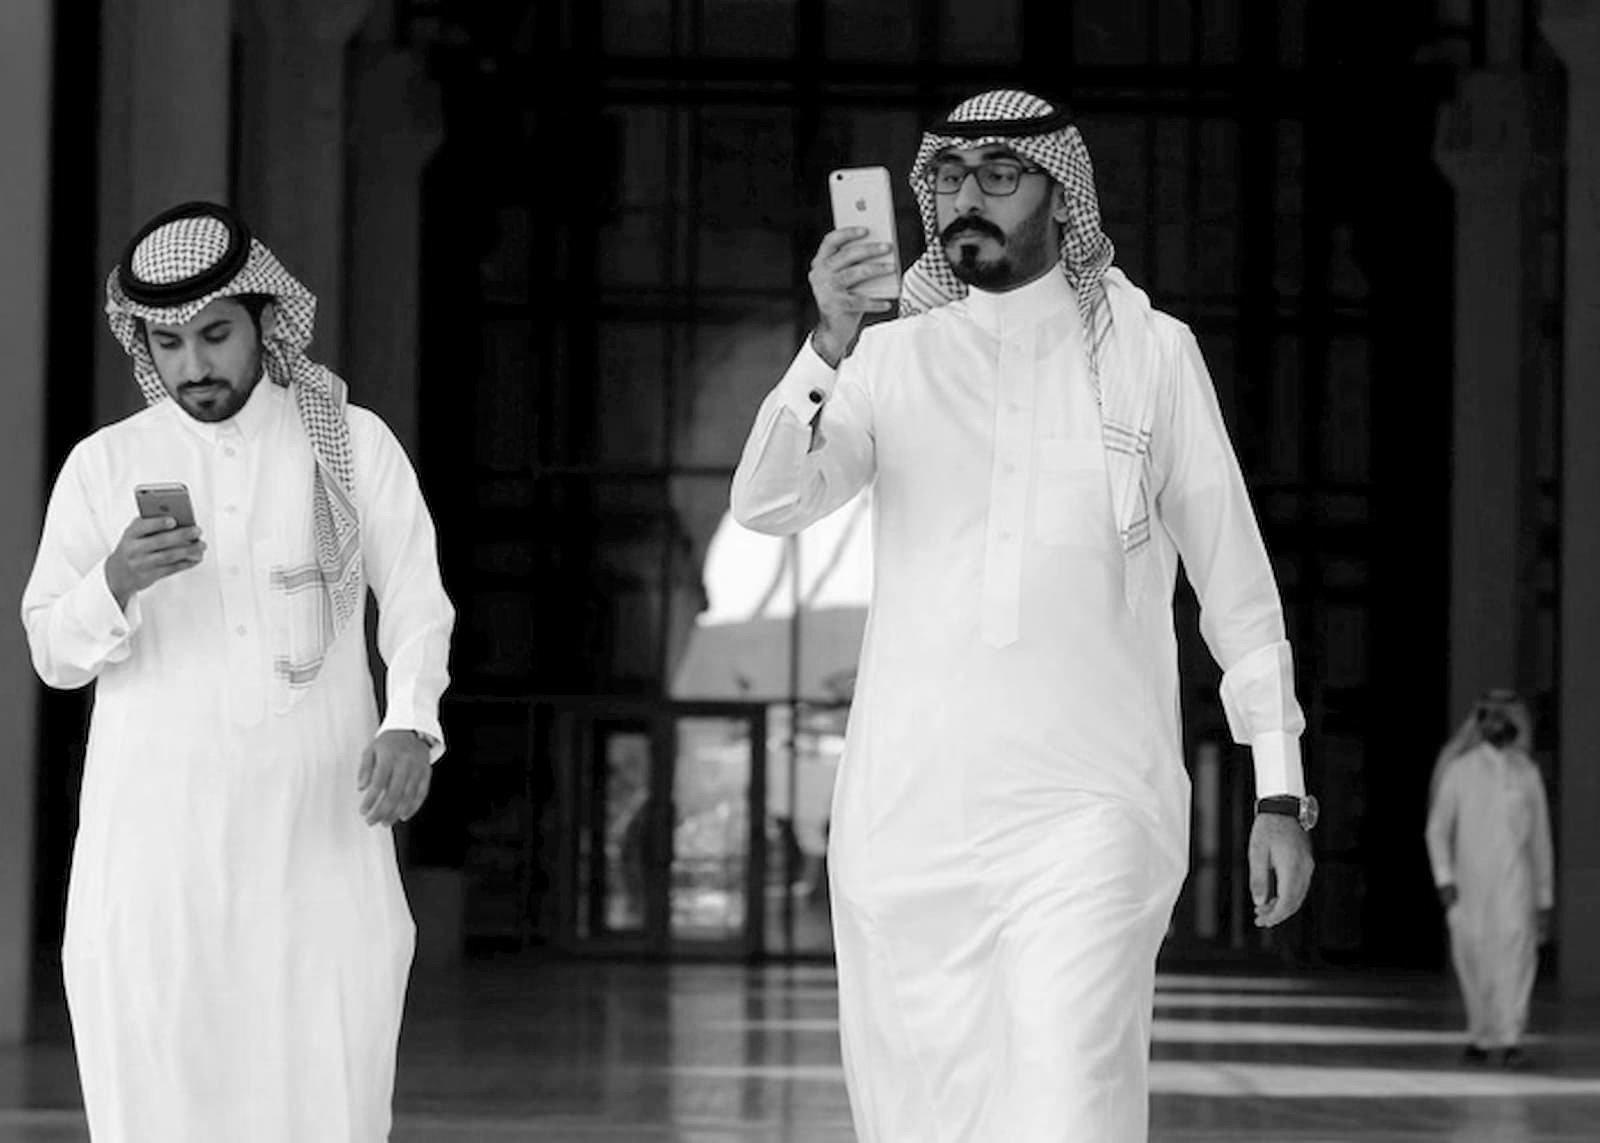 حقيقة حجب التطبيقات في السعودية